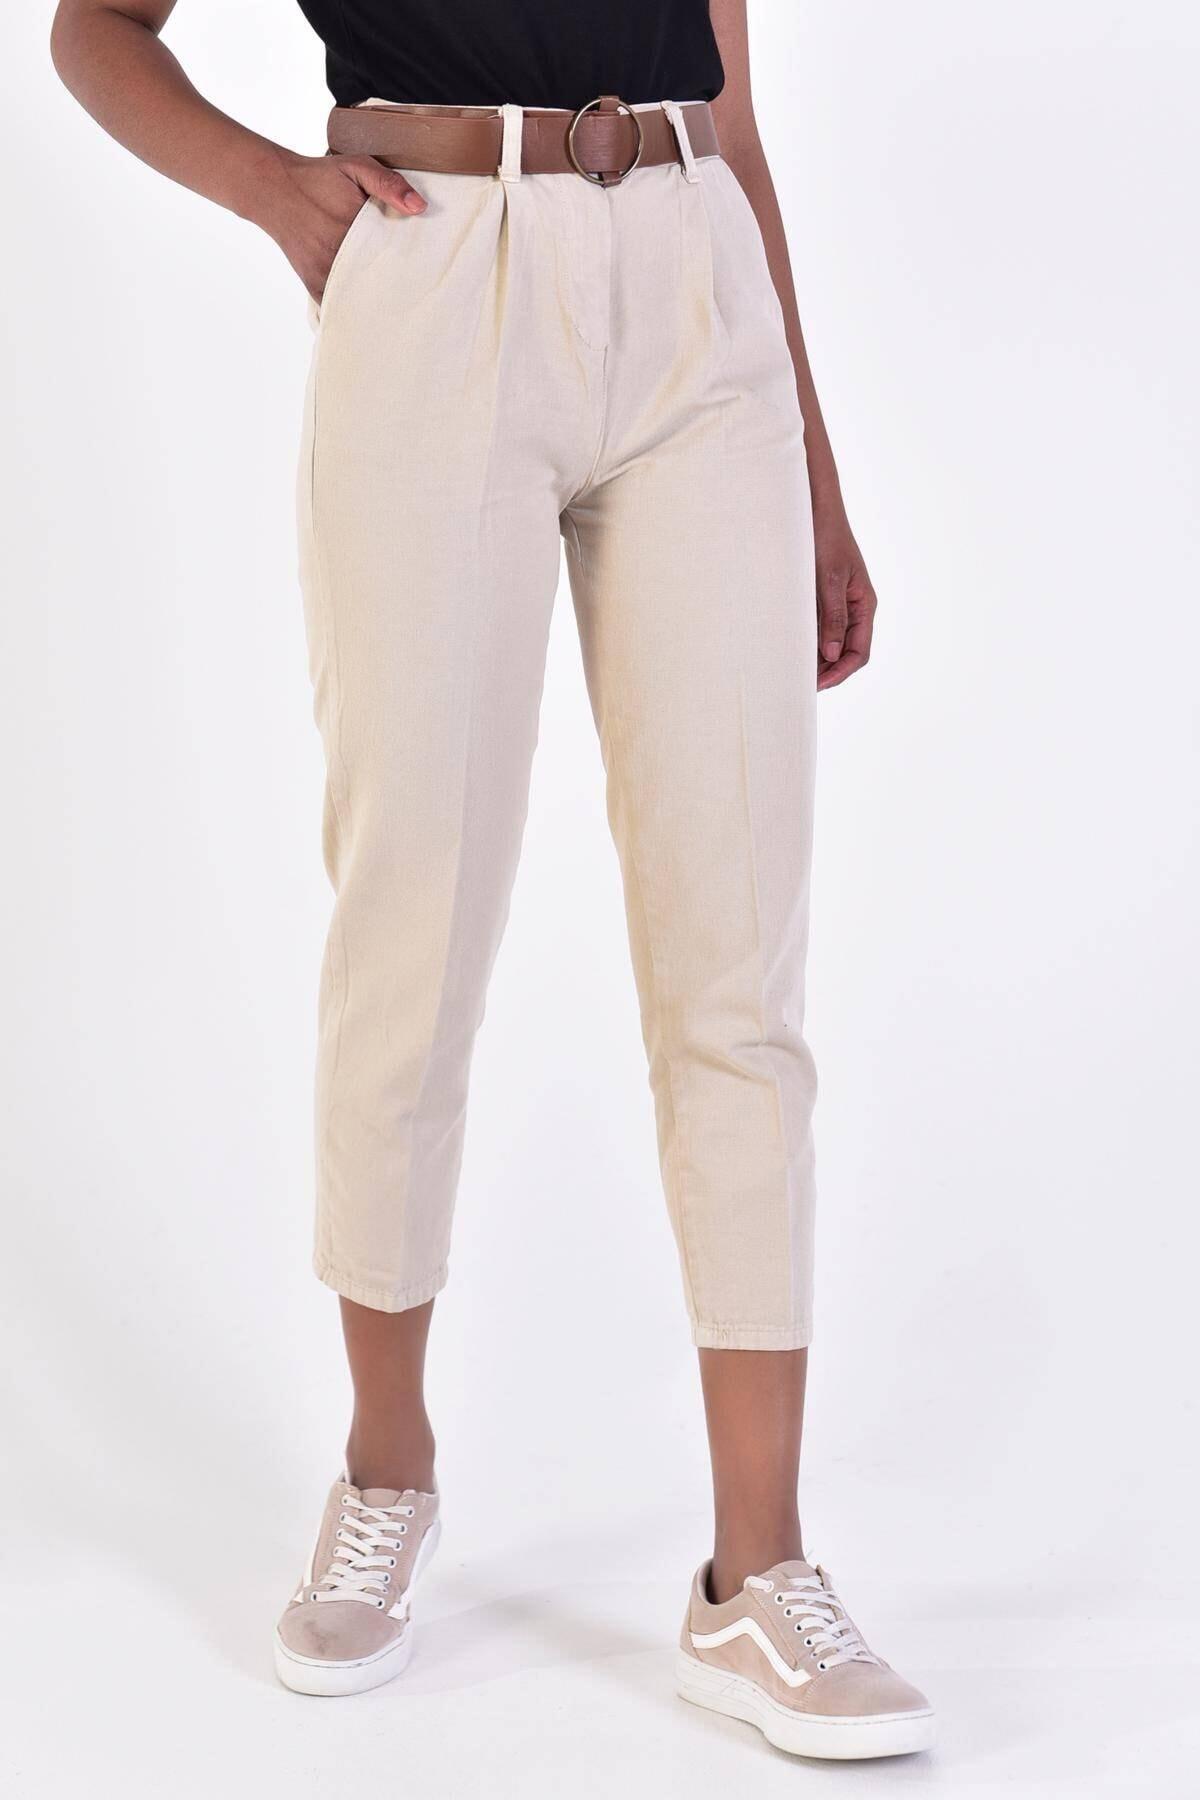 Addax Kadın Taş Kemerli Pantolon PN4204 - DK1 ADX-0000020952